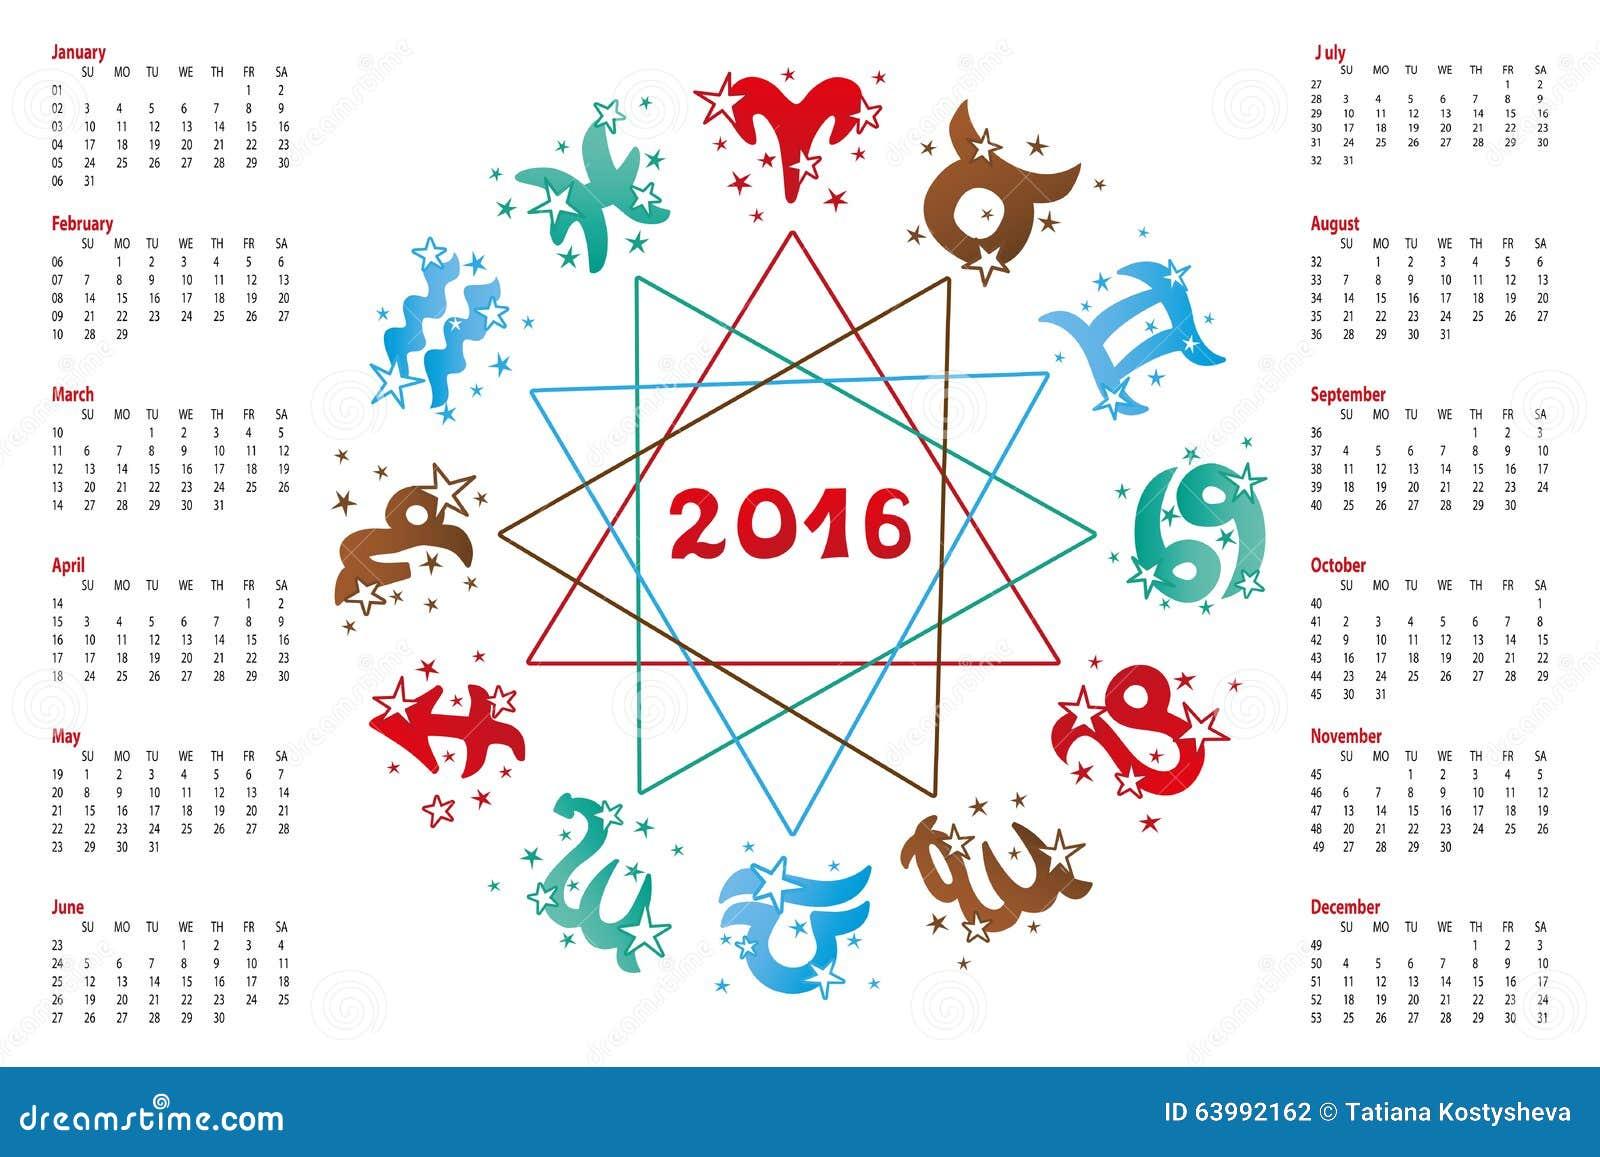 Calendario Oroscopo.Calendario 2016 Segno Dello Zodiaco Dell Oroscopo